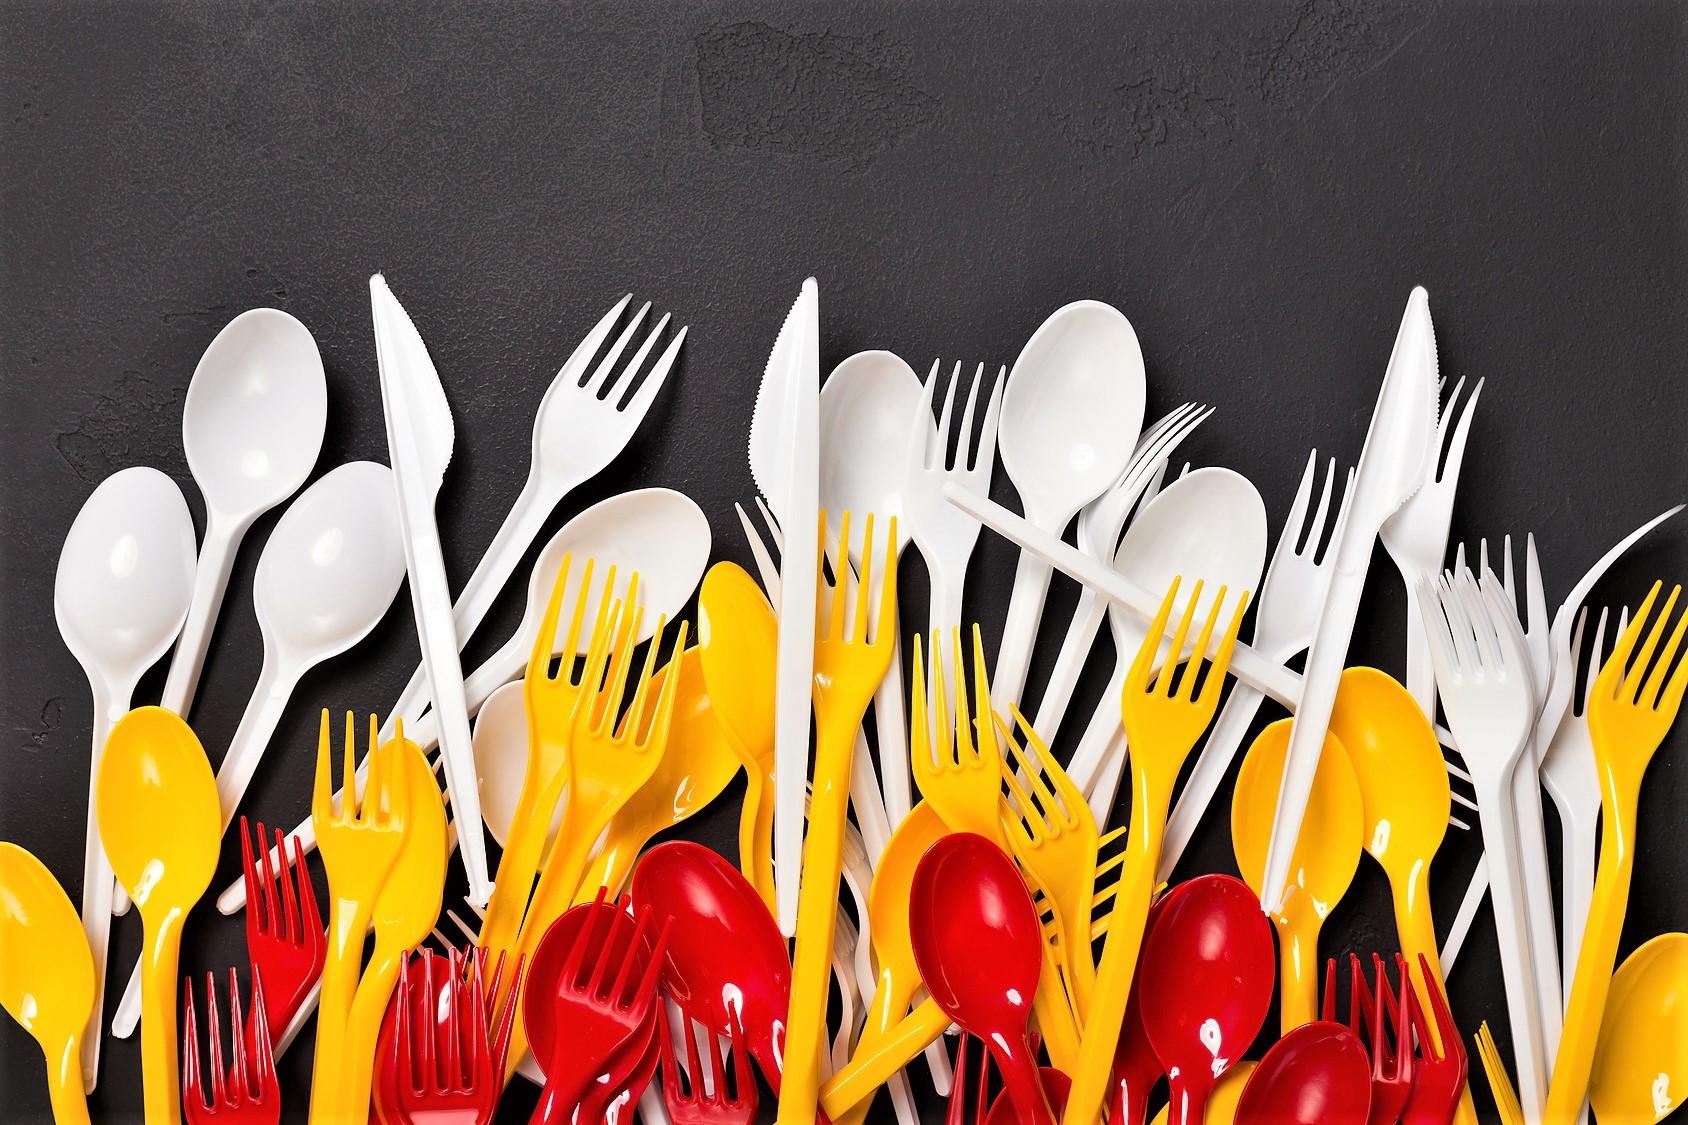 Niente più forchette e cannucce di plastica, parlamento Ue approva la legge